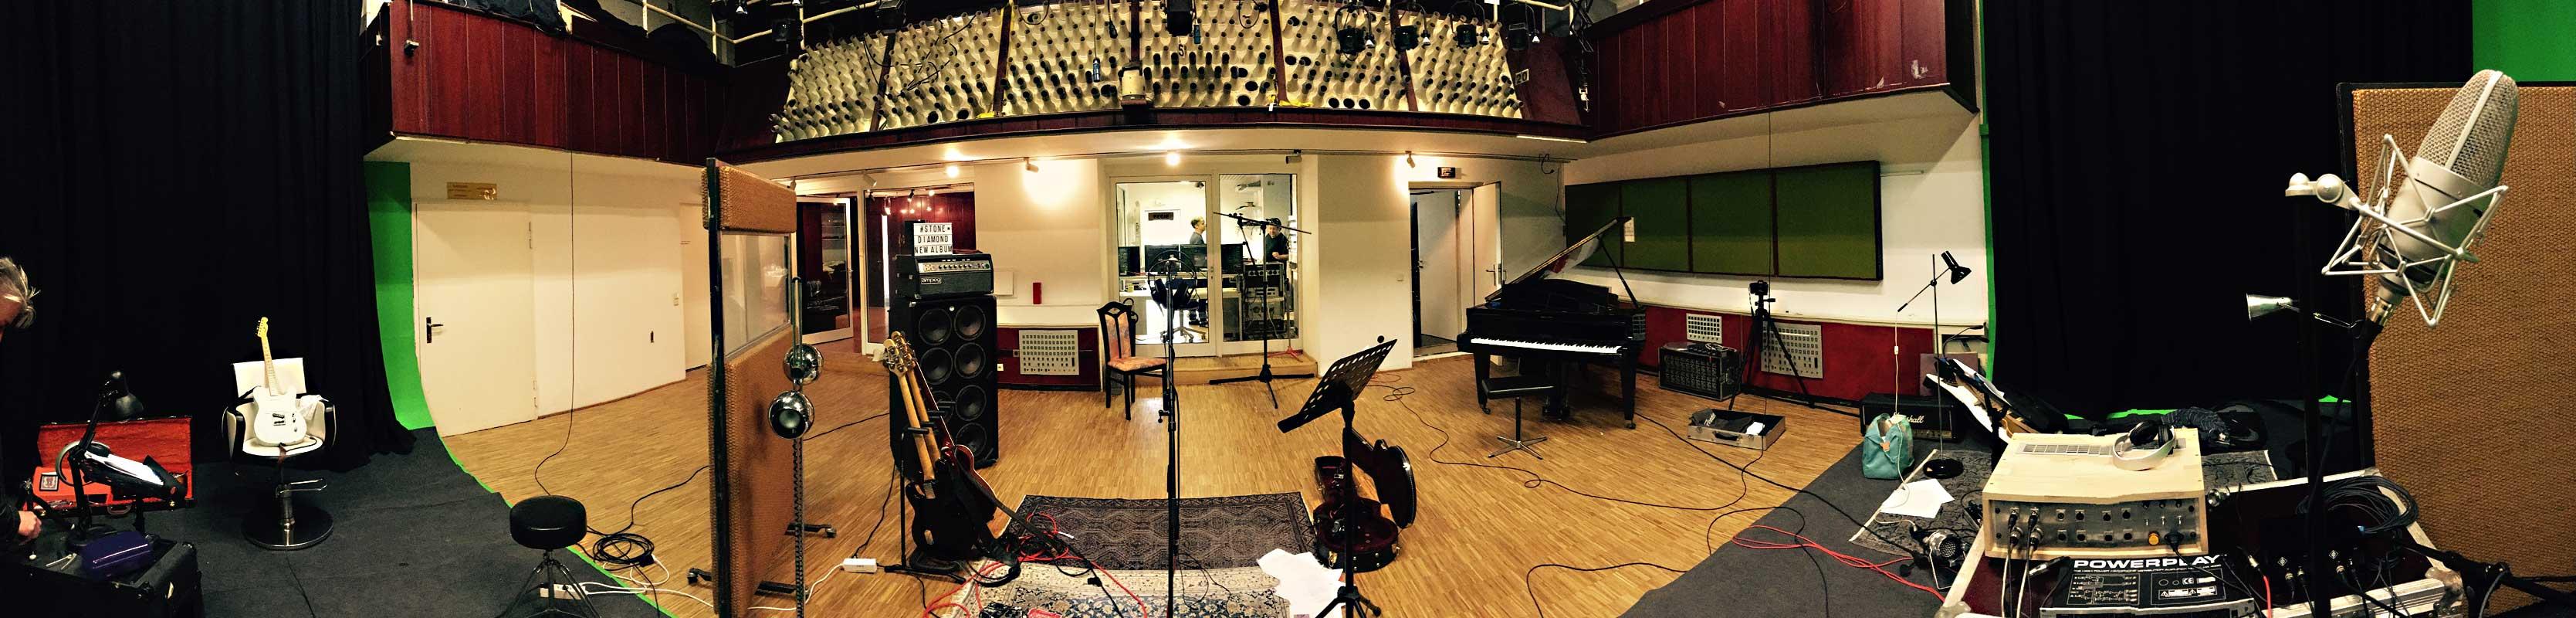 Studio-Pano2